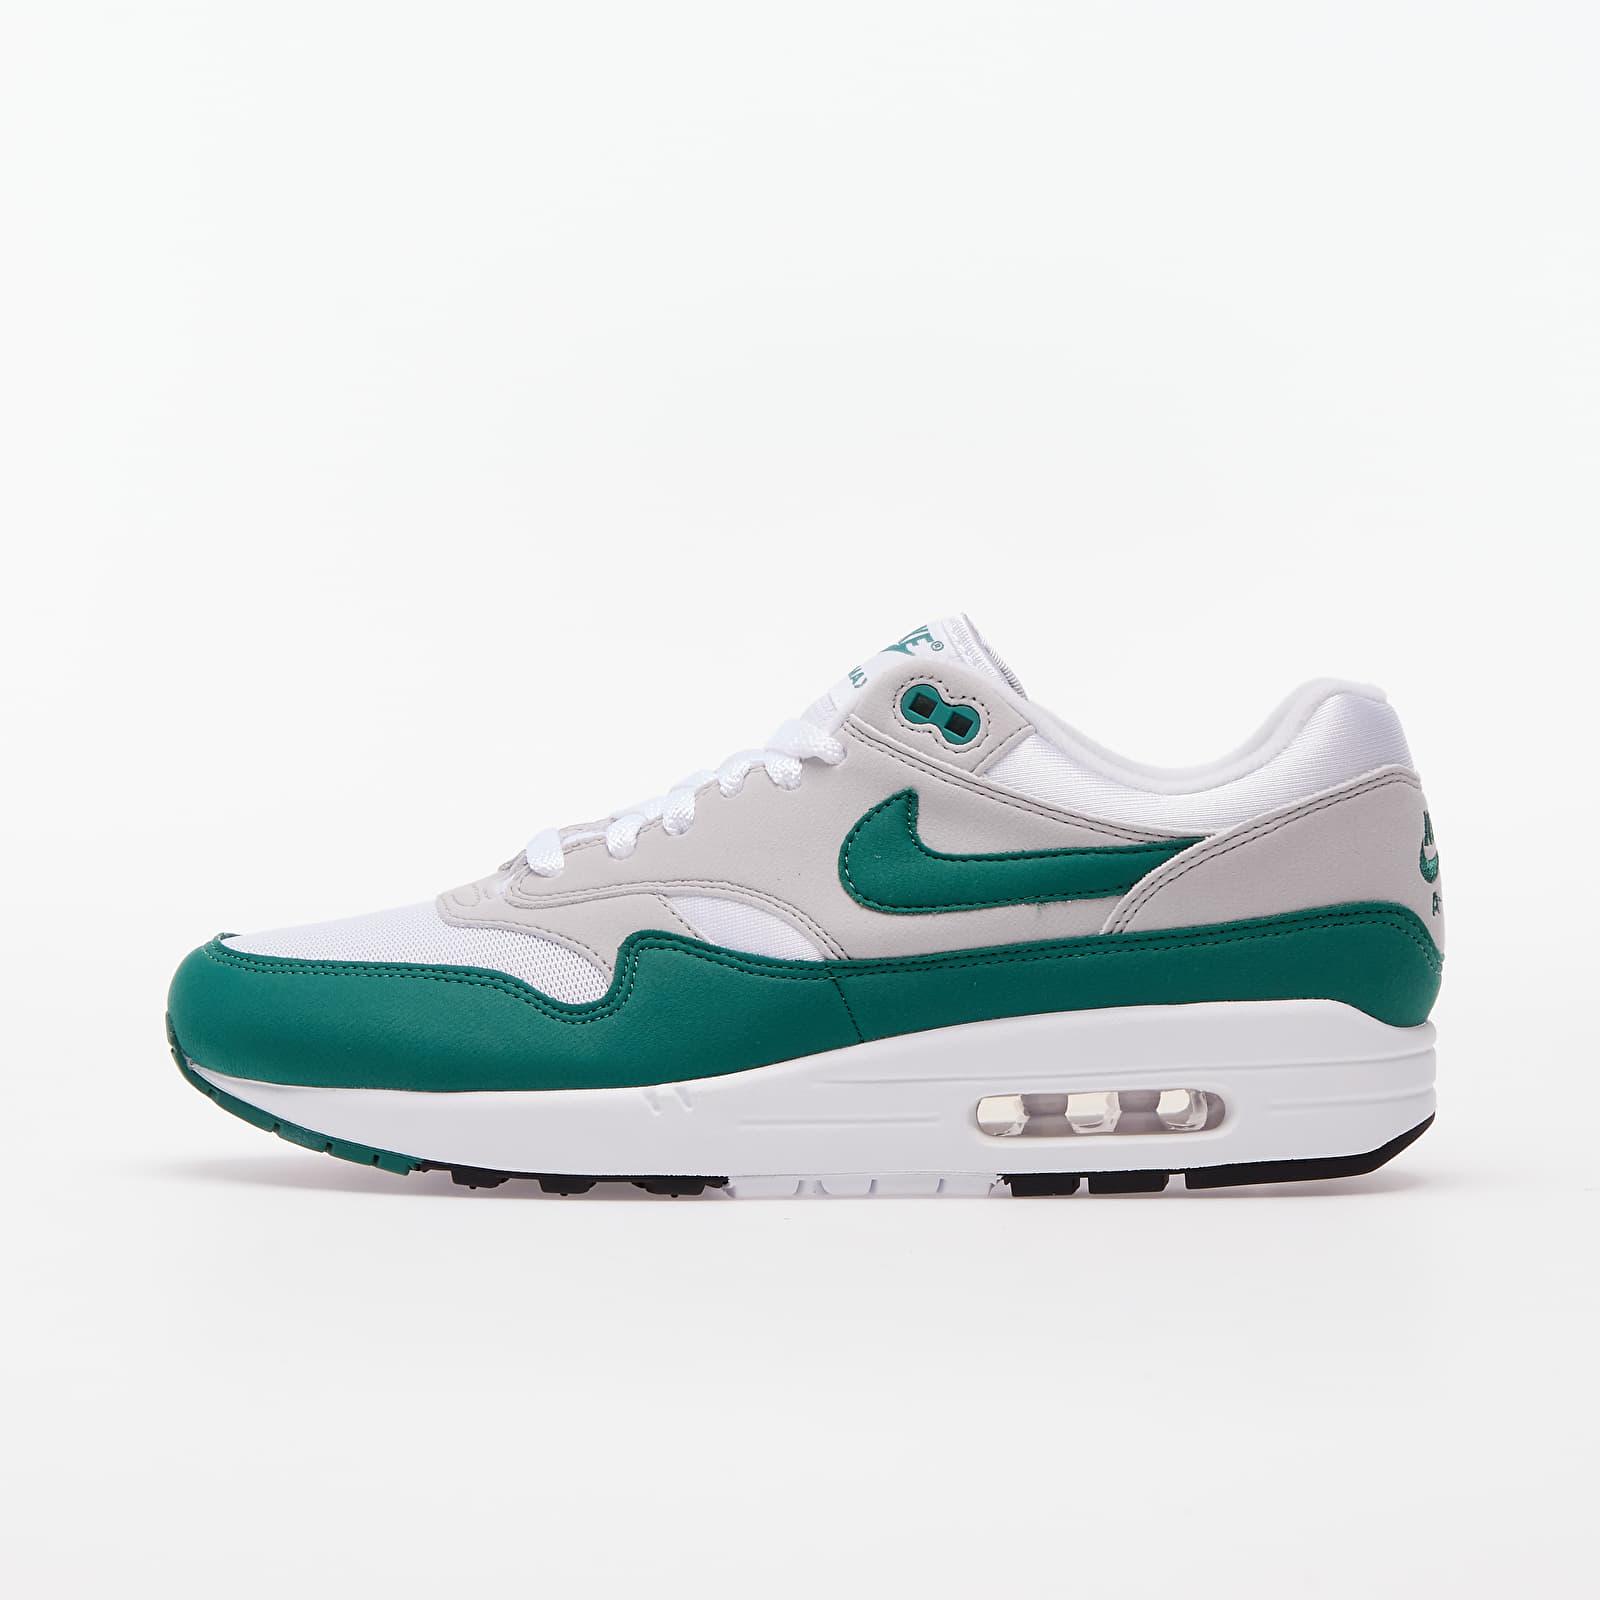 Men's shoes Nike Air Max 1 White/ Evergreen Aura-Neutral Grey-Black